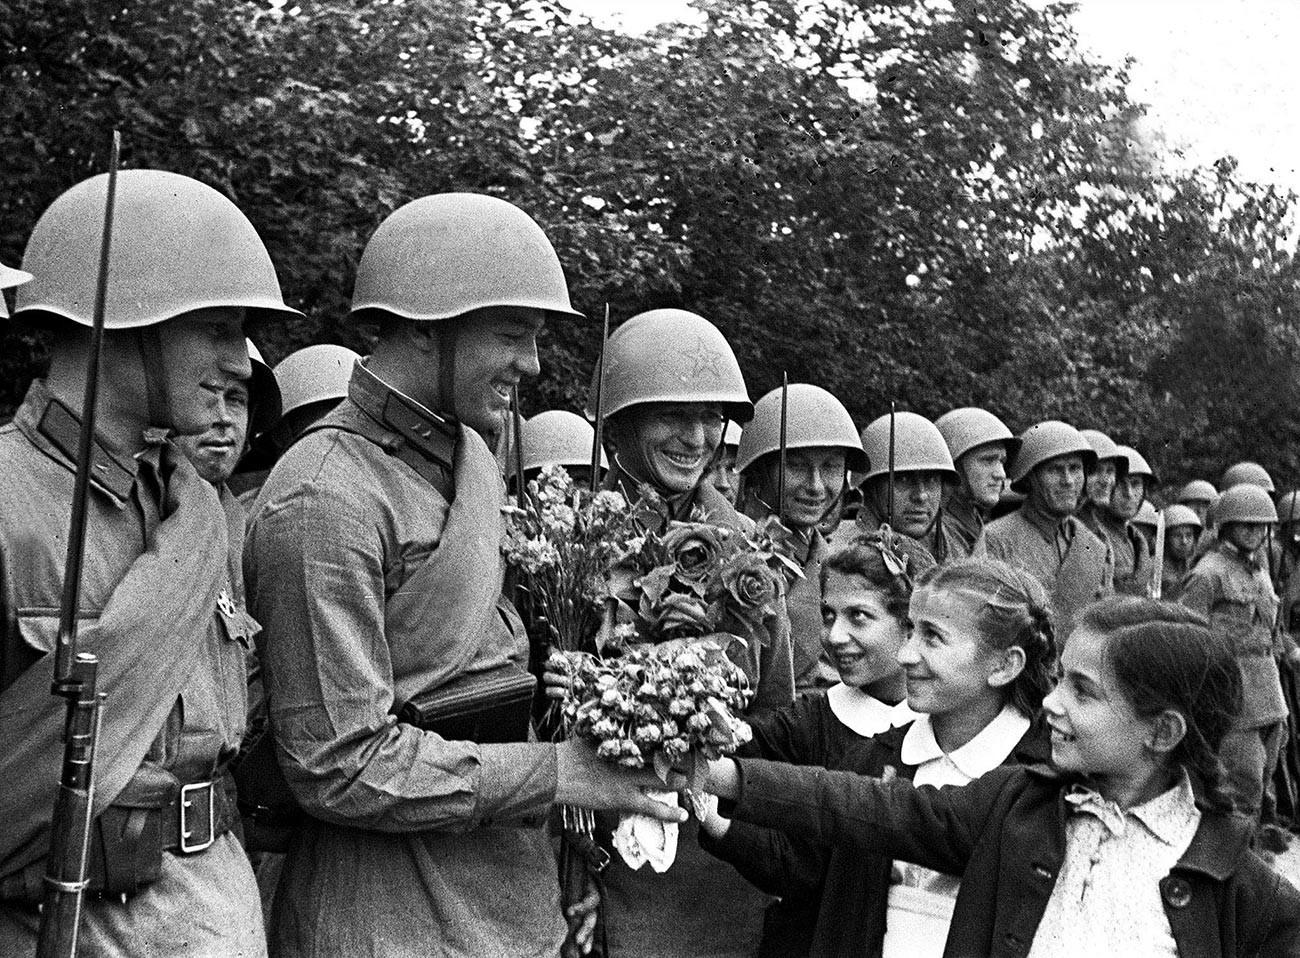 Soldaten der Roten Armee werden während einer Militärparade zum Beitritt Bessarabiens und Nordbukowina zur UdSSR in Chișinău am 4. Juli 1940 von Kindern begrüßt.